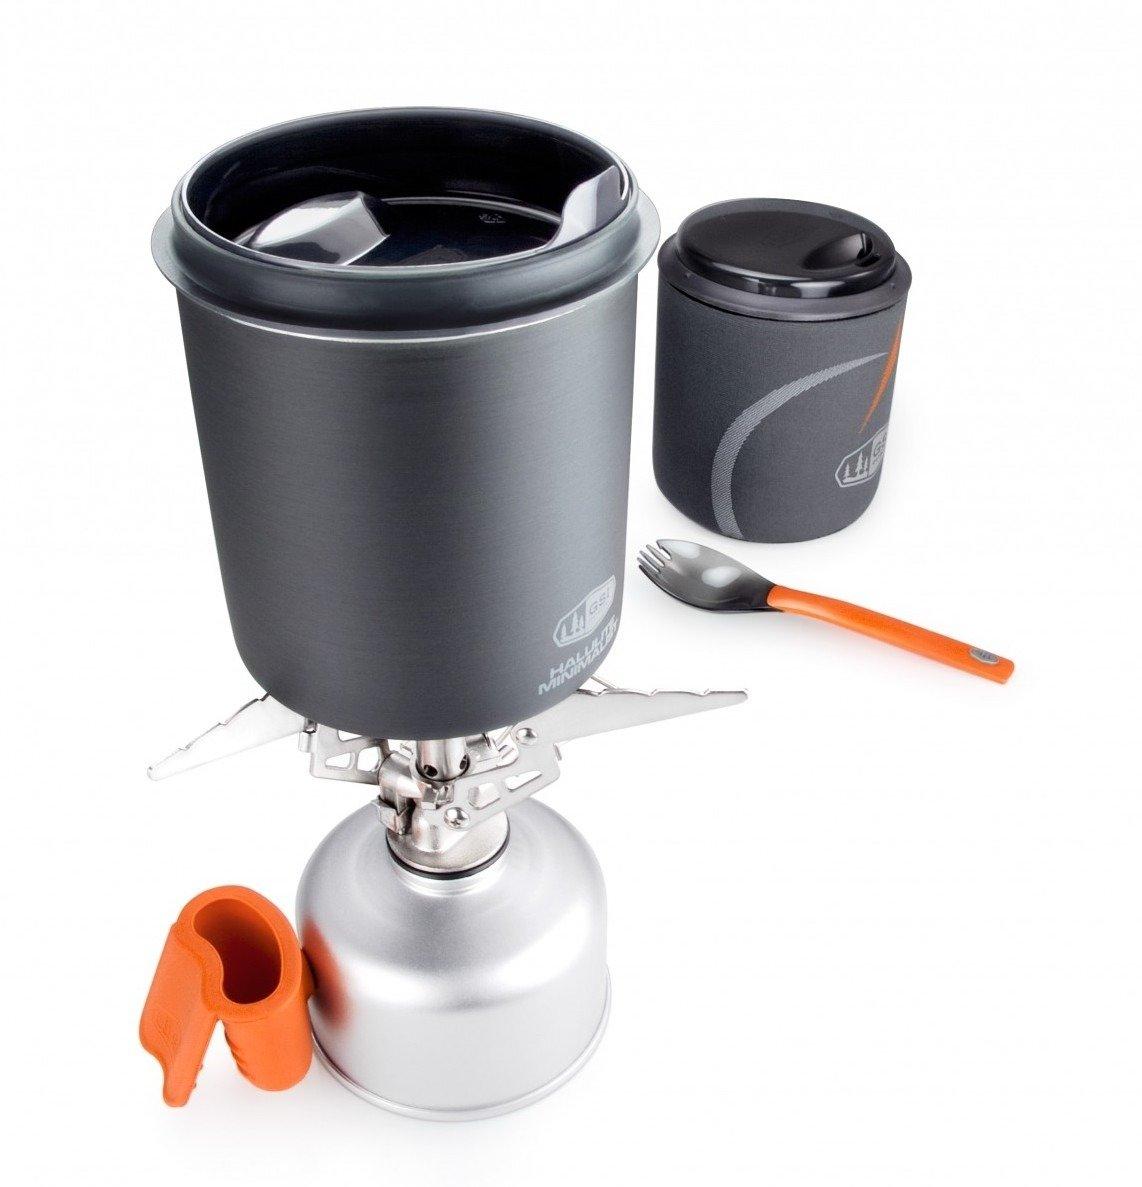 GSI Halulite Minimalist Campingküche Geschirr-Set 90497501395 | eBay